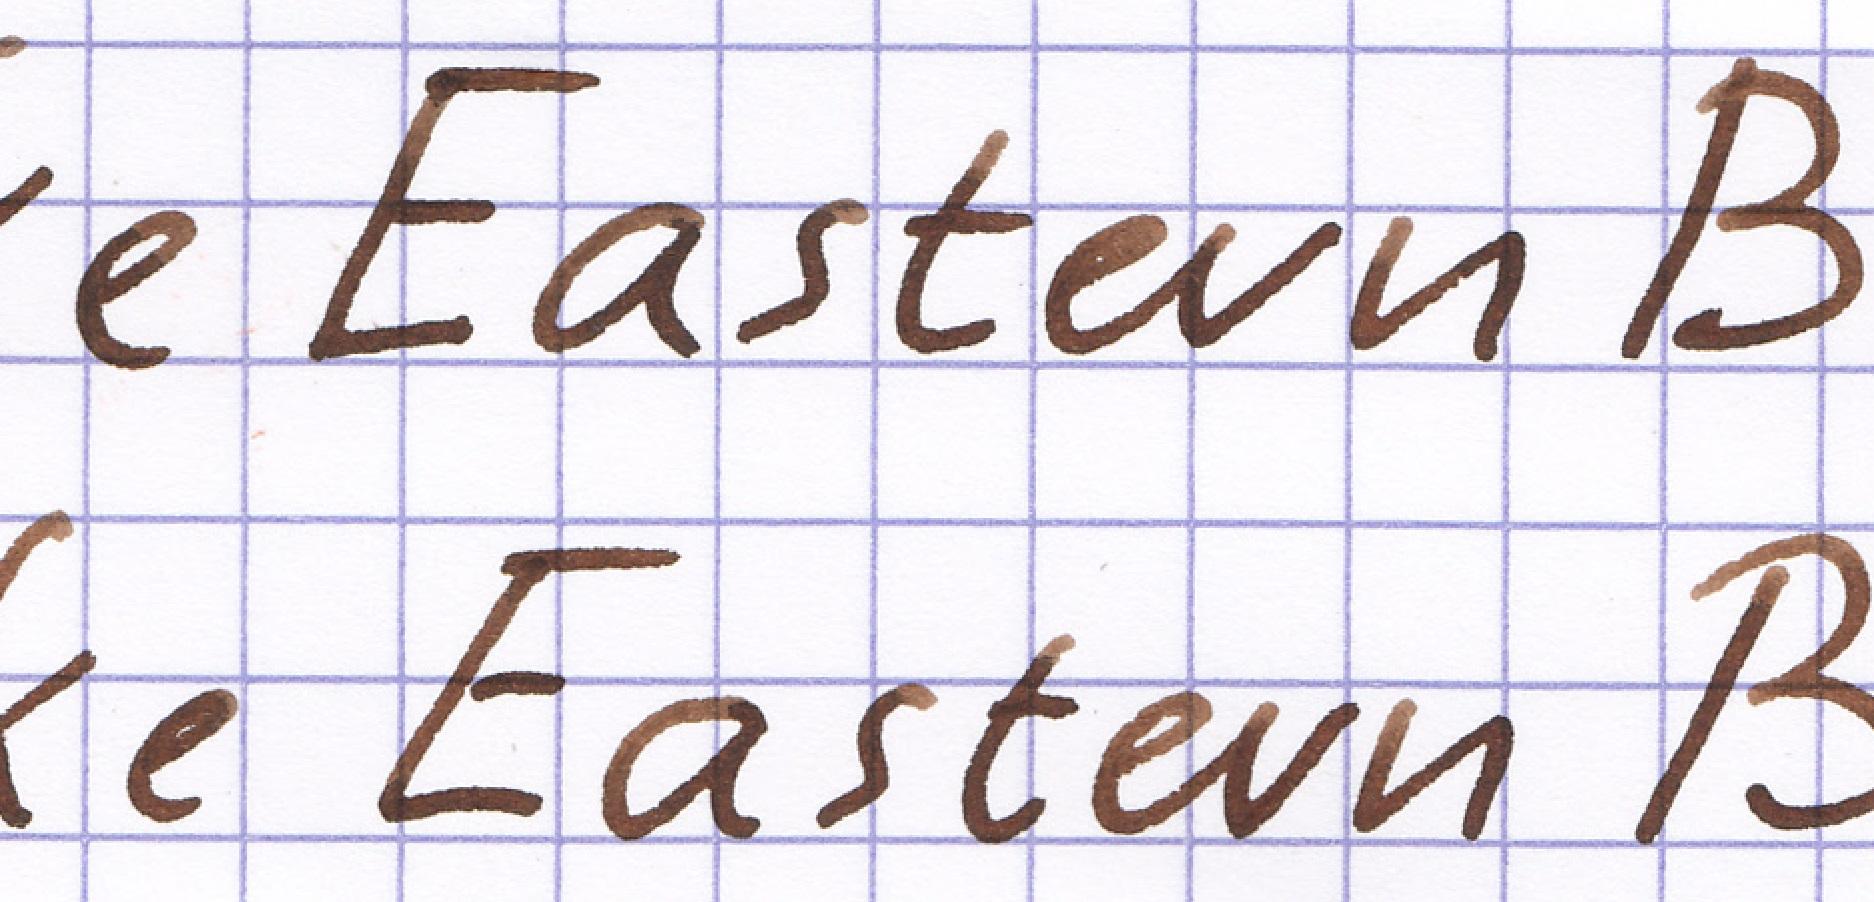 fpn_1460662022__snake_eastern_brown_ox_2